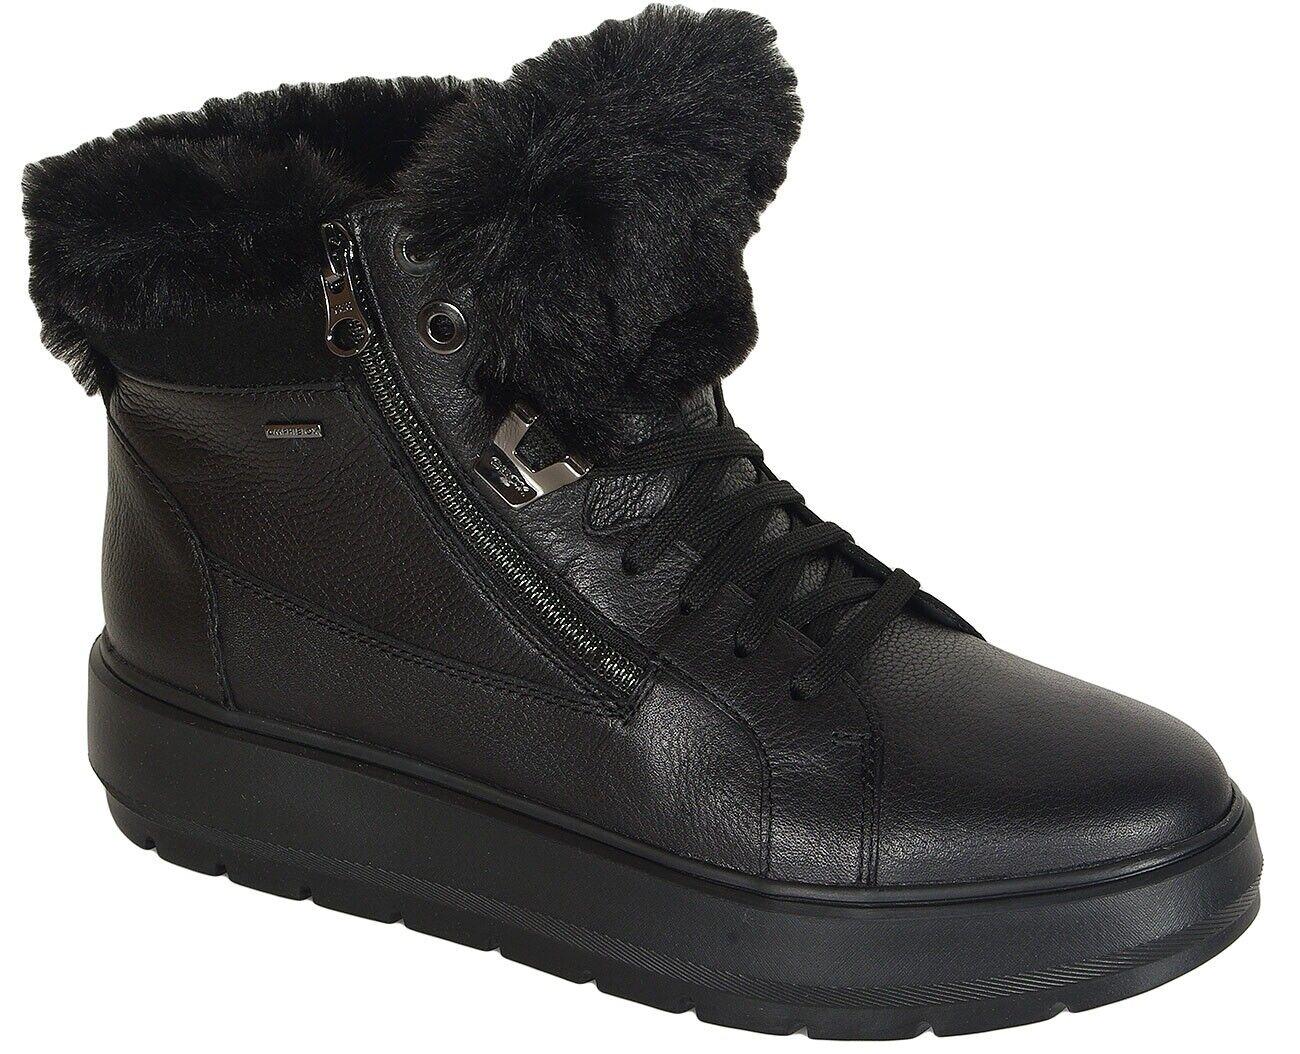 rotuzierung Geox Kaula B Turnschuhe ABX leather schwarz